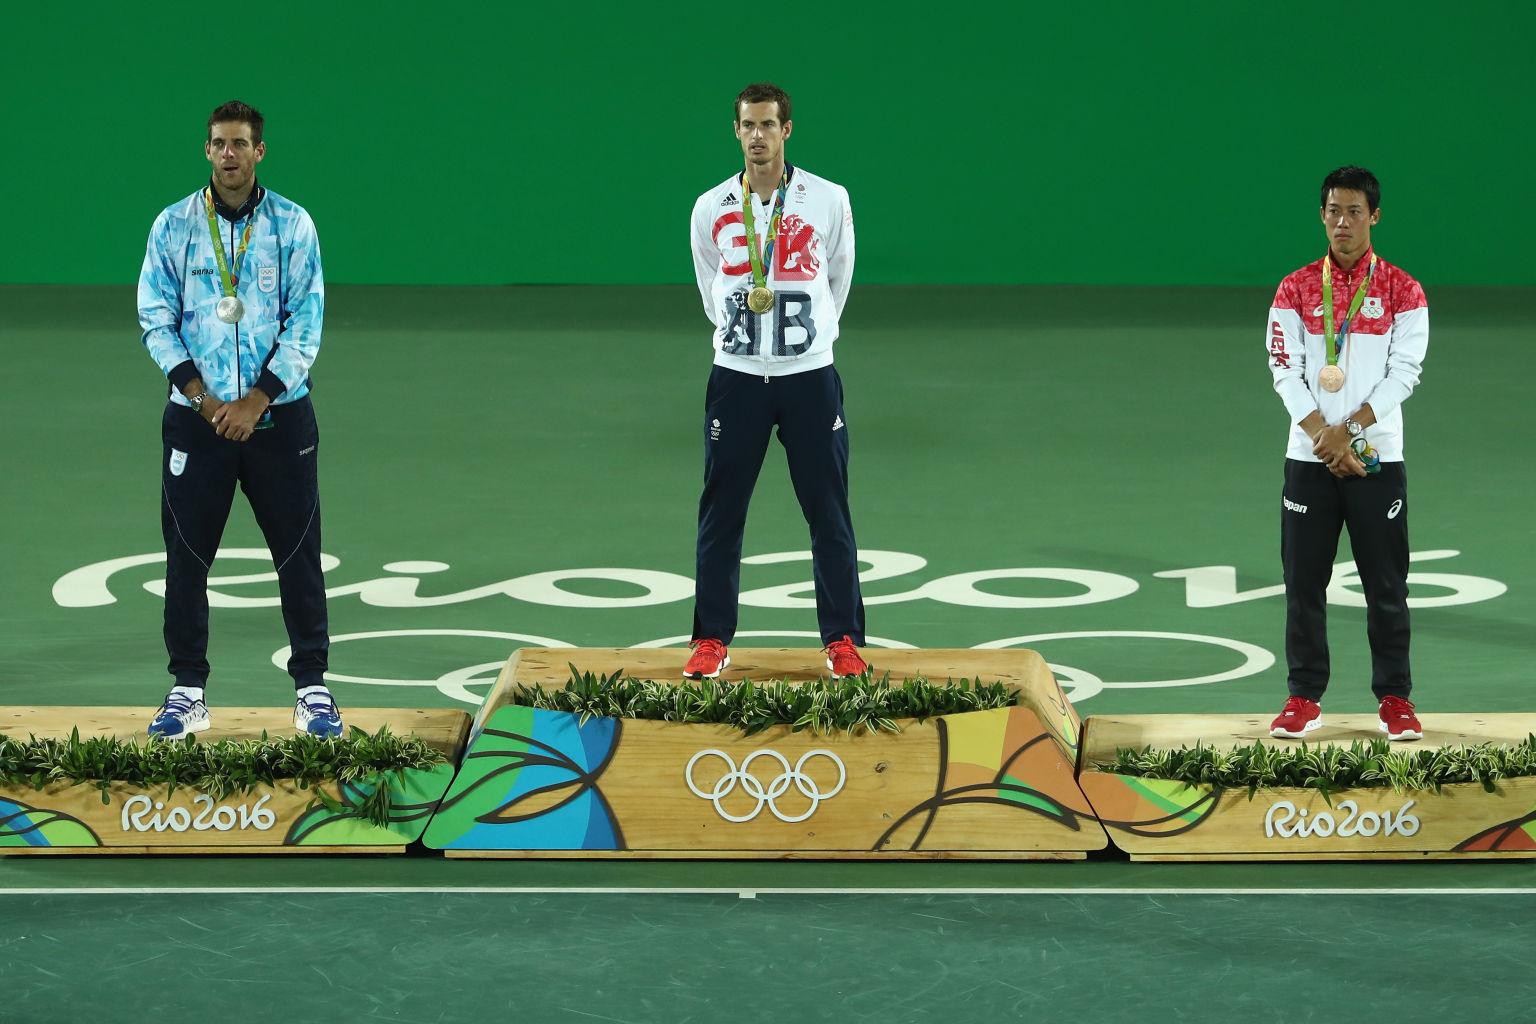 Die Medaillengewinner im Herren-Einzel in Rio: Del Potro (Silber), Murray, Nishikori (Bronze)  (v.l.).